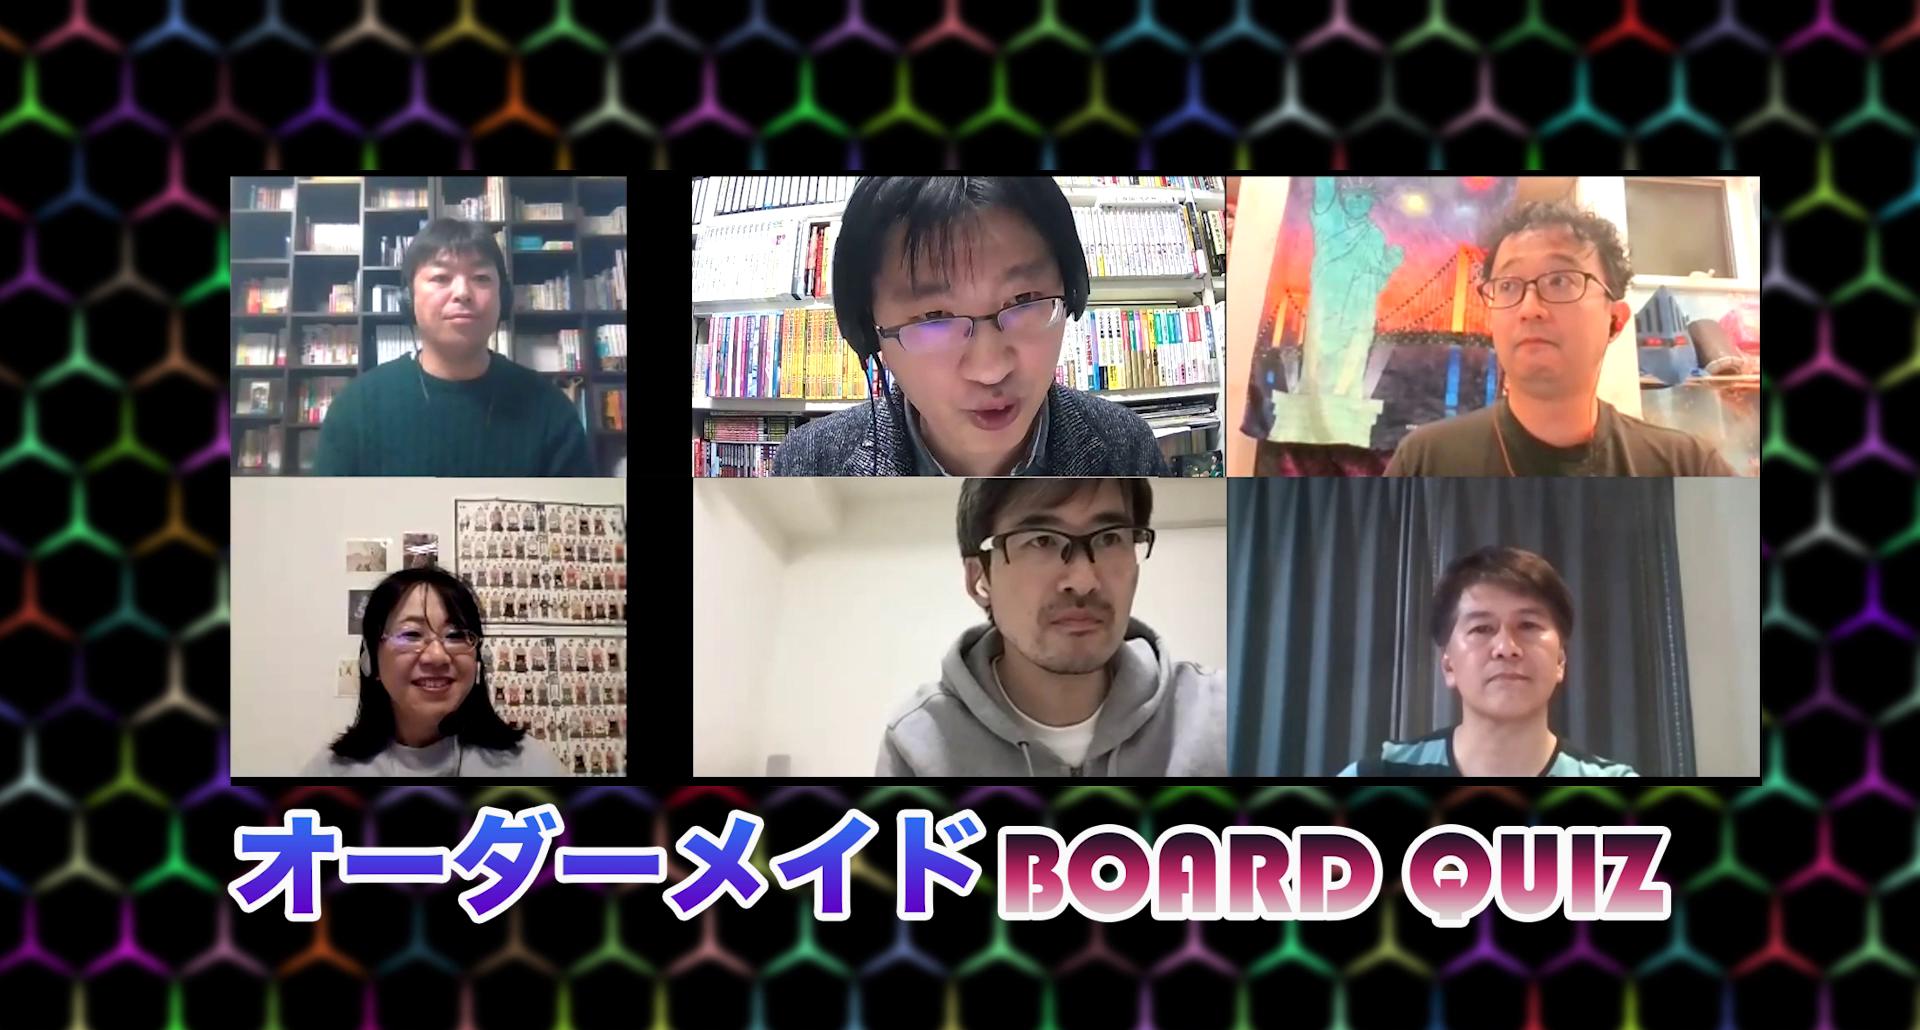 ネットクイズ番組「リモートクイズバトル モノリス」第2回にクイズ番組の常連が集結!